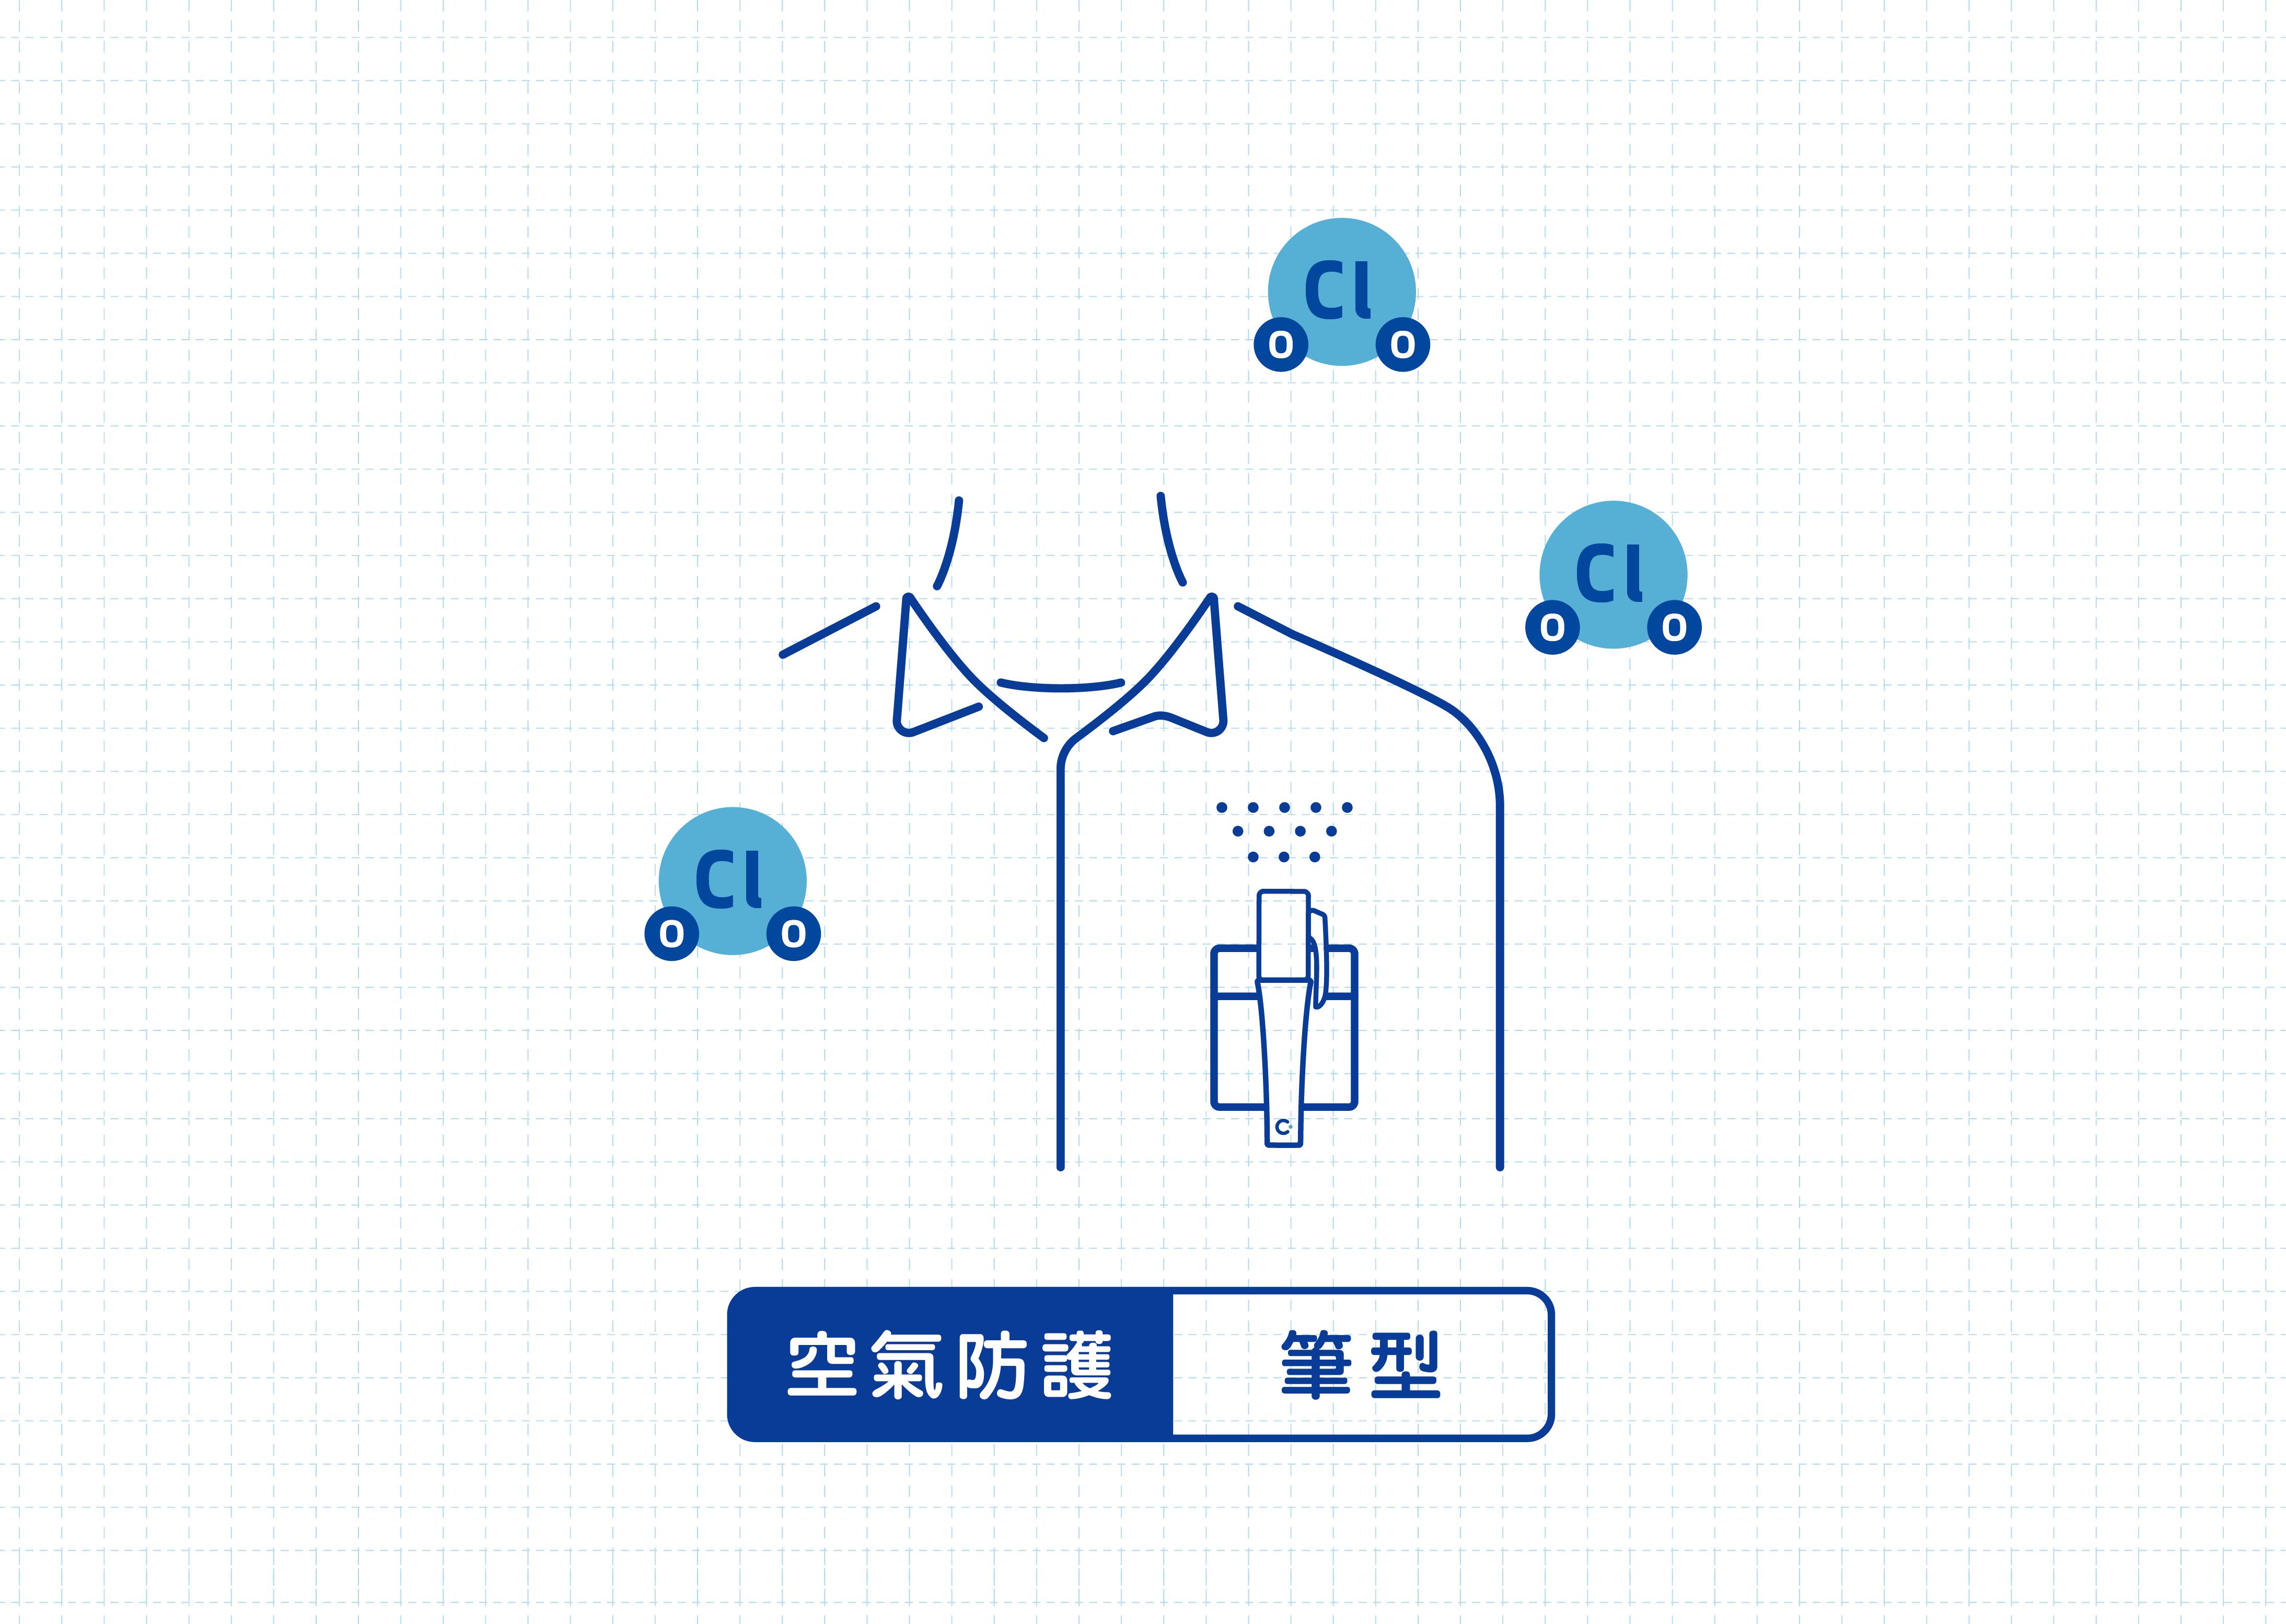 想要空氣防護,請選擇加護靈筆型,將加護靈筆型掛在身上,可有效對抗周圍病菌、過敏原等。